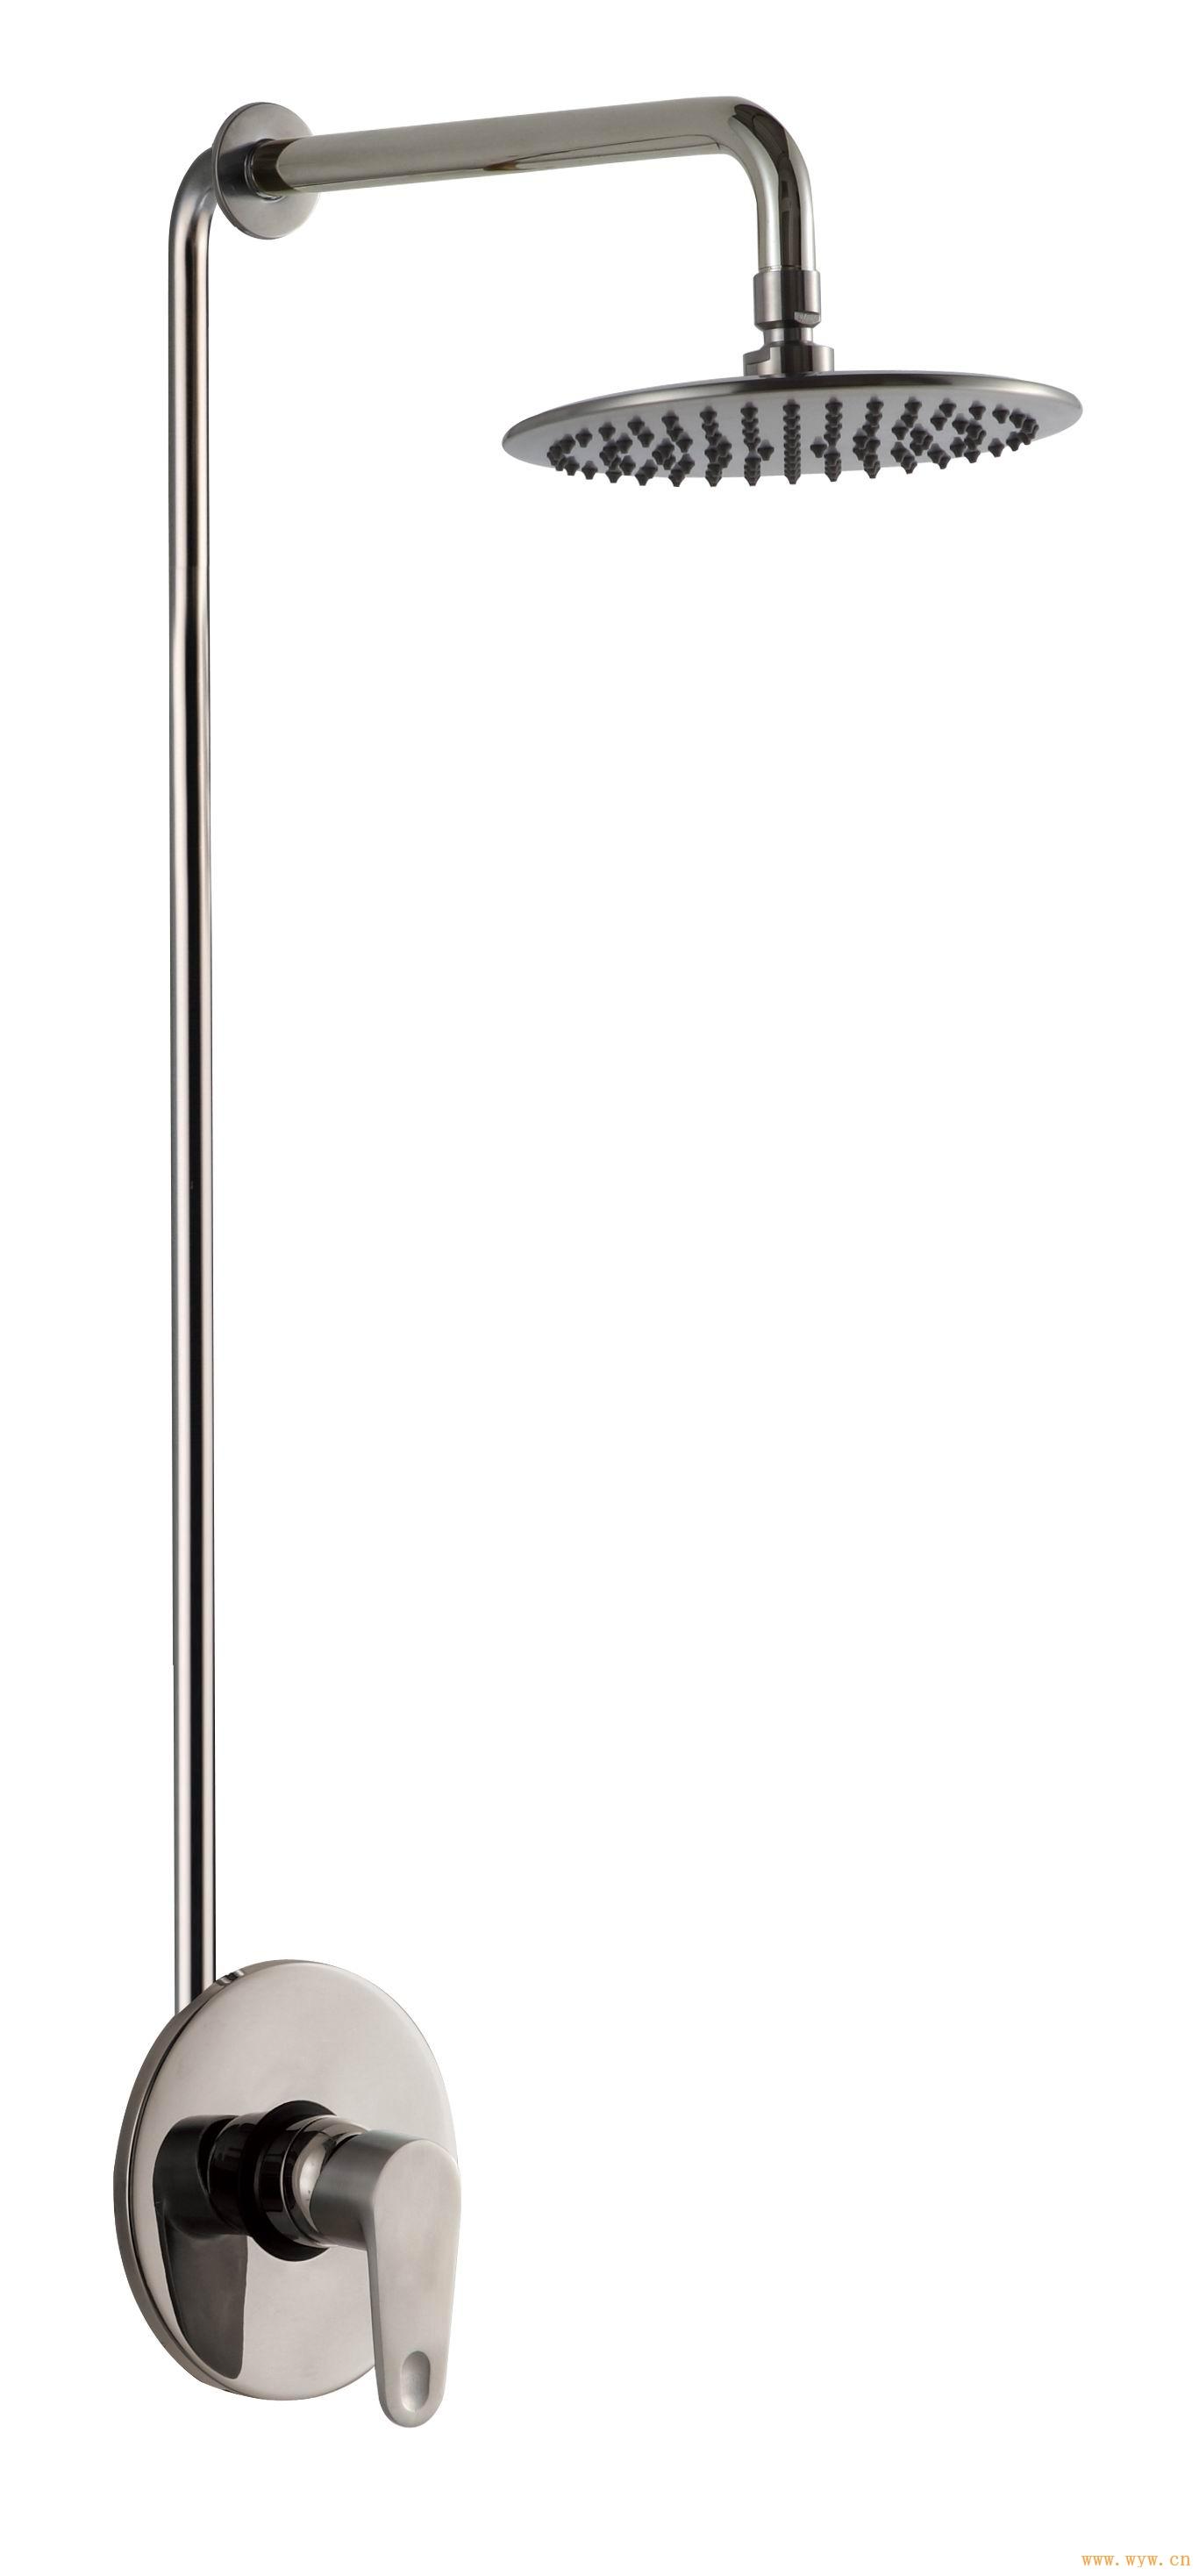 供应暗装淋浴花洒,304#不锈钢淋浴龙头,暗装淋浴龙头